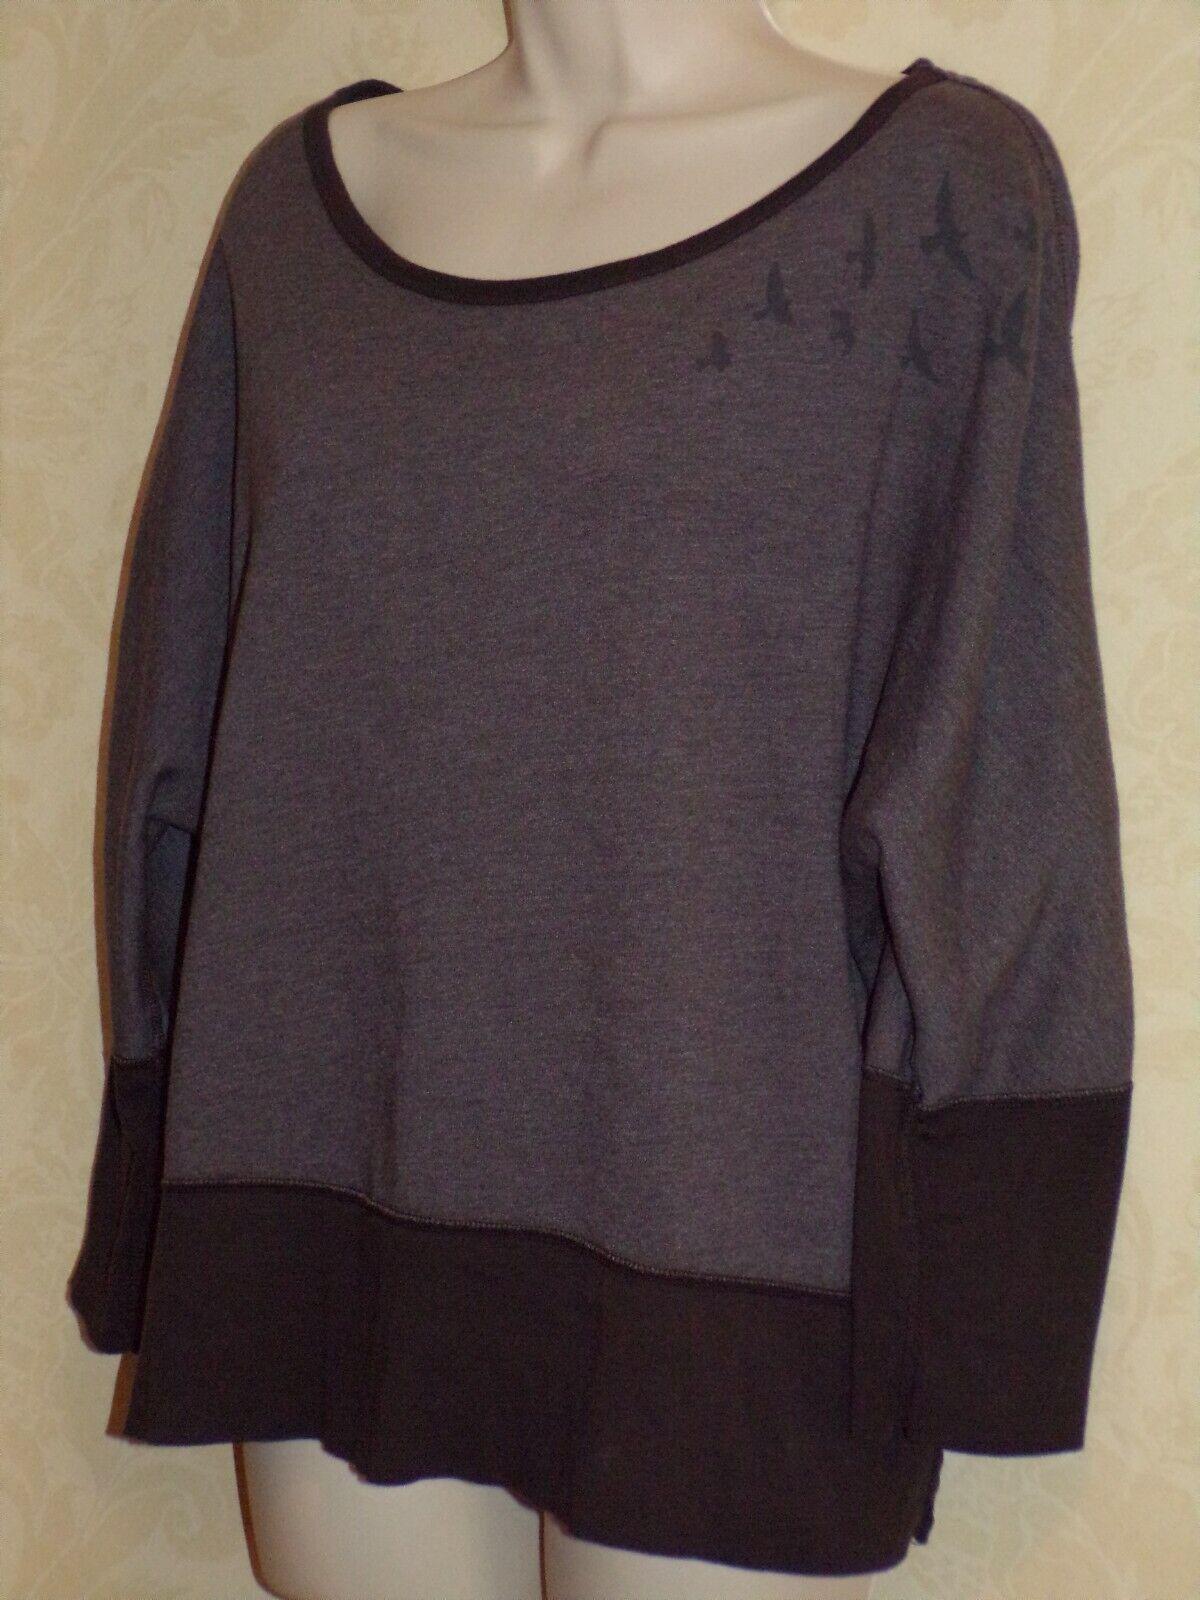 OISELLE Two-tone Brown Birds on Shoulder Wide Neck Long Sleeve Sweatshirt XL